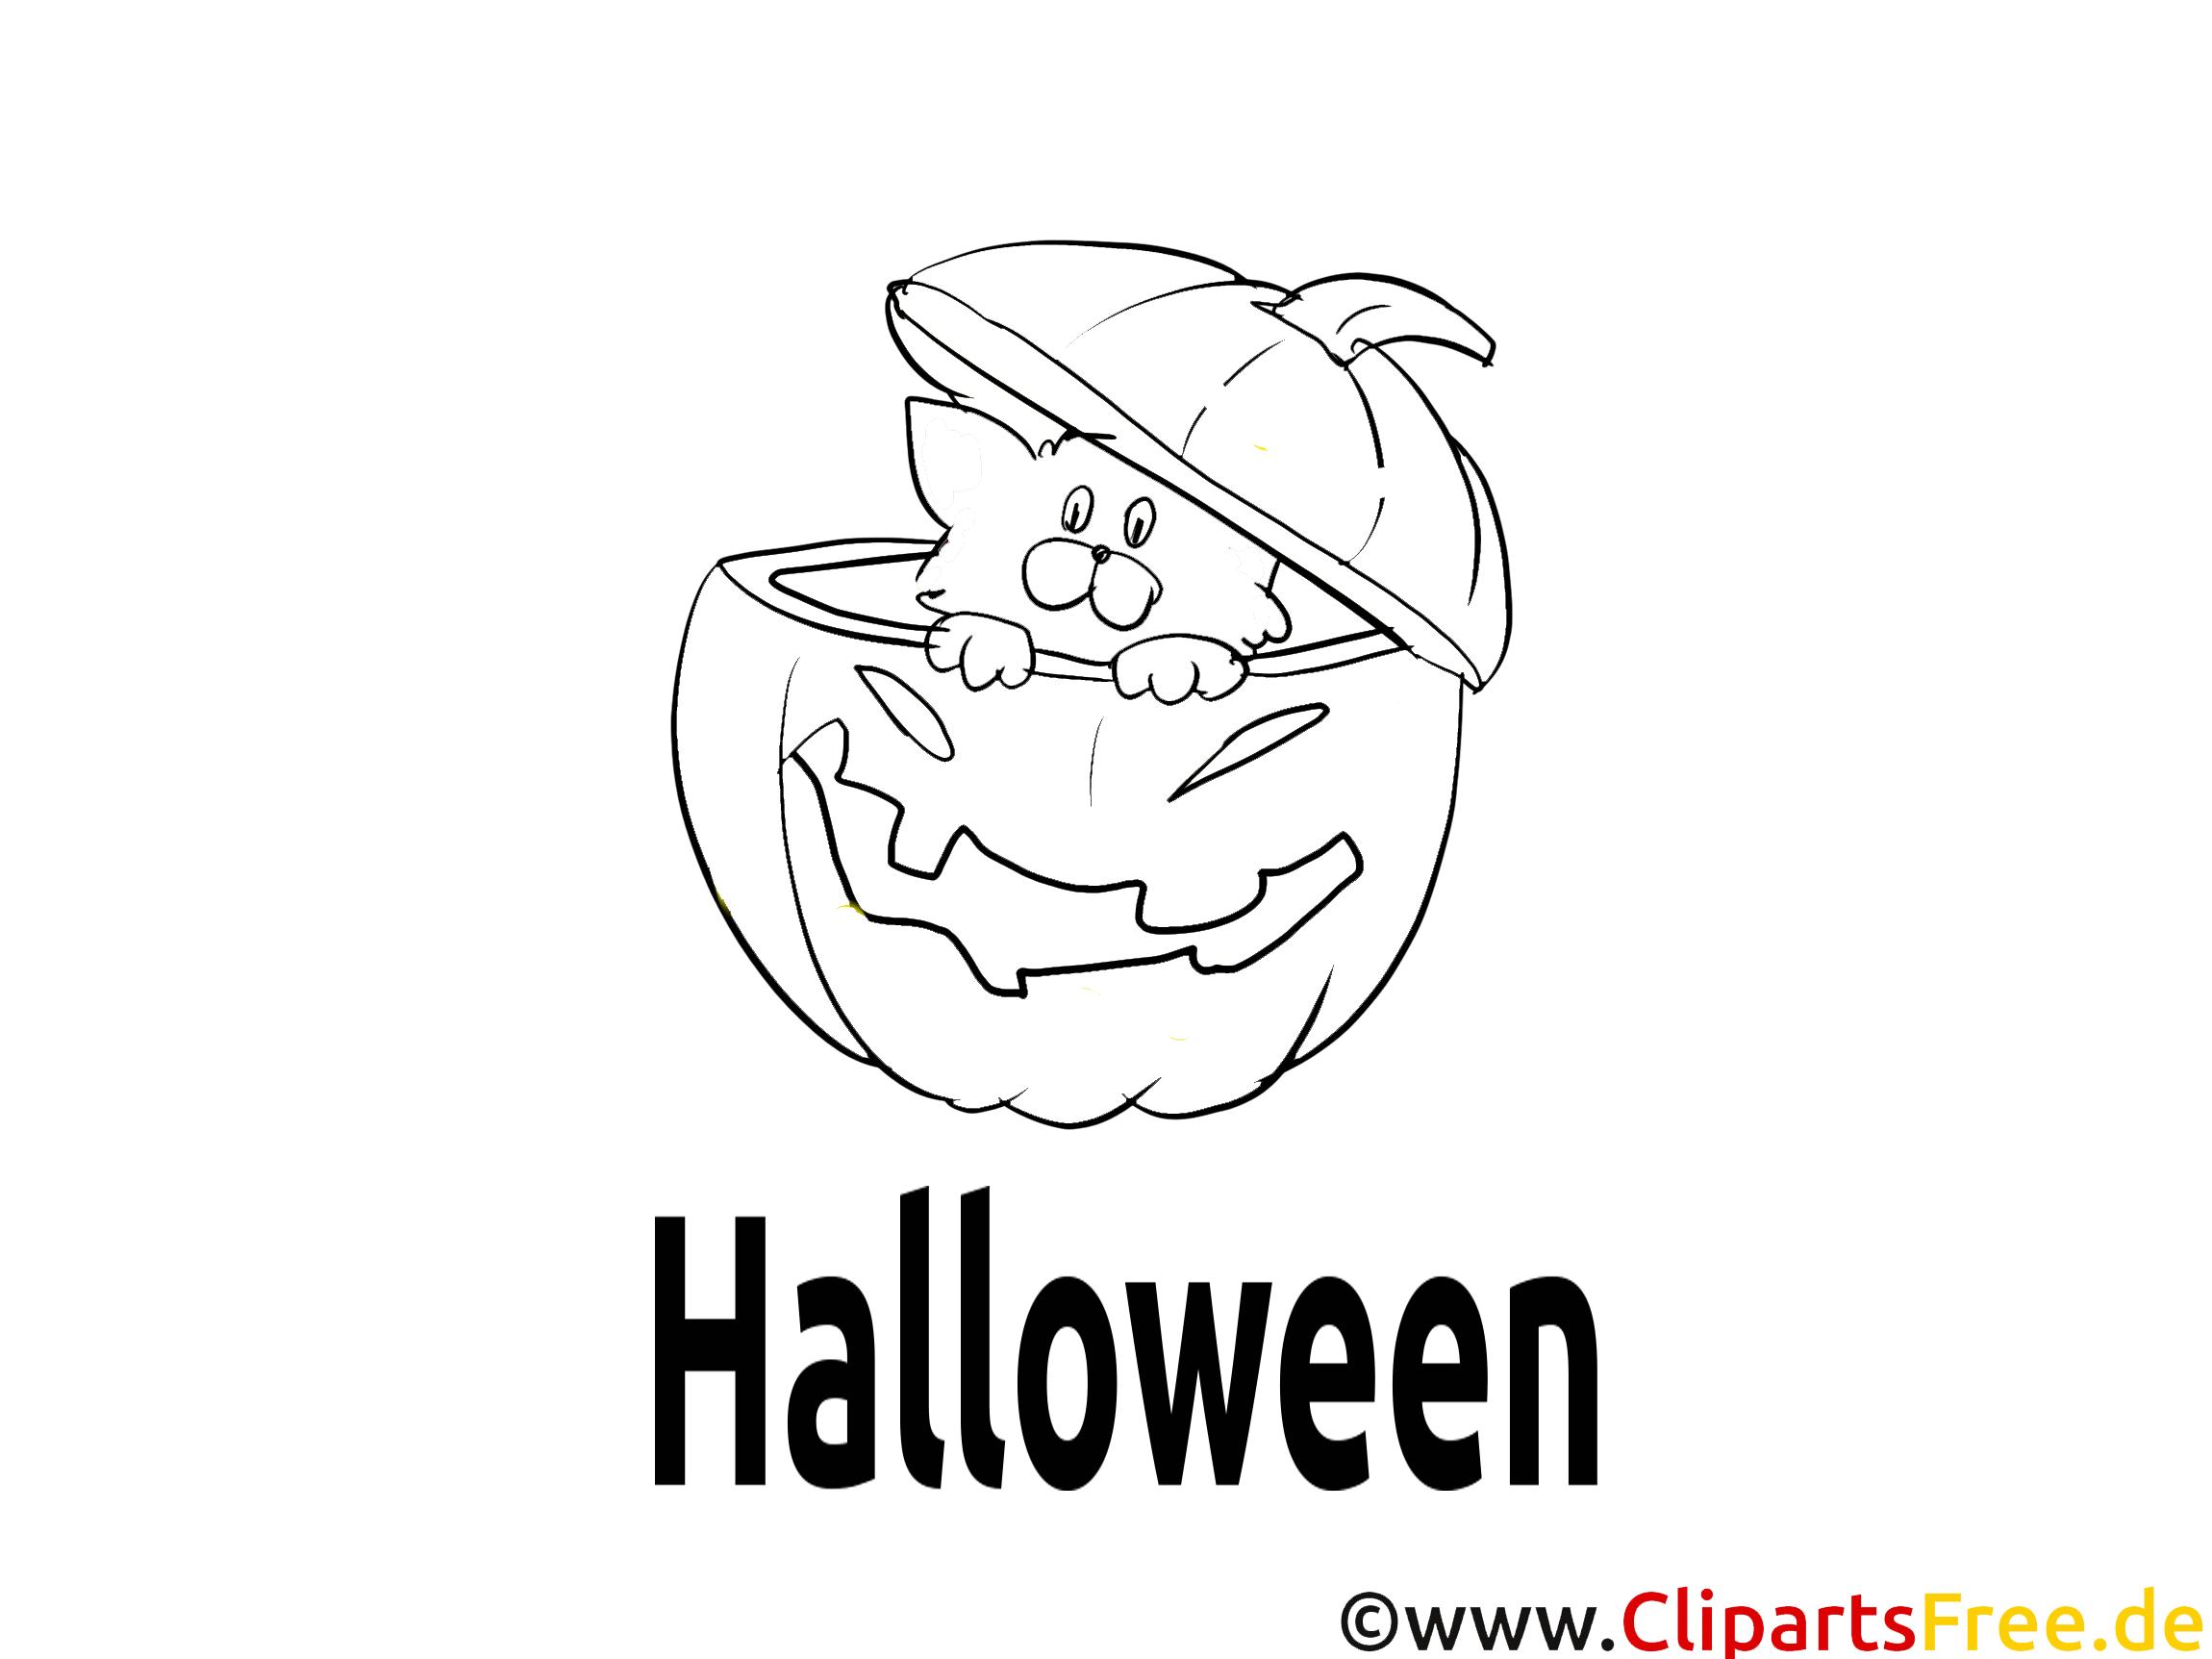 Halloween Bild zum Malen und Ausdrucken